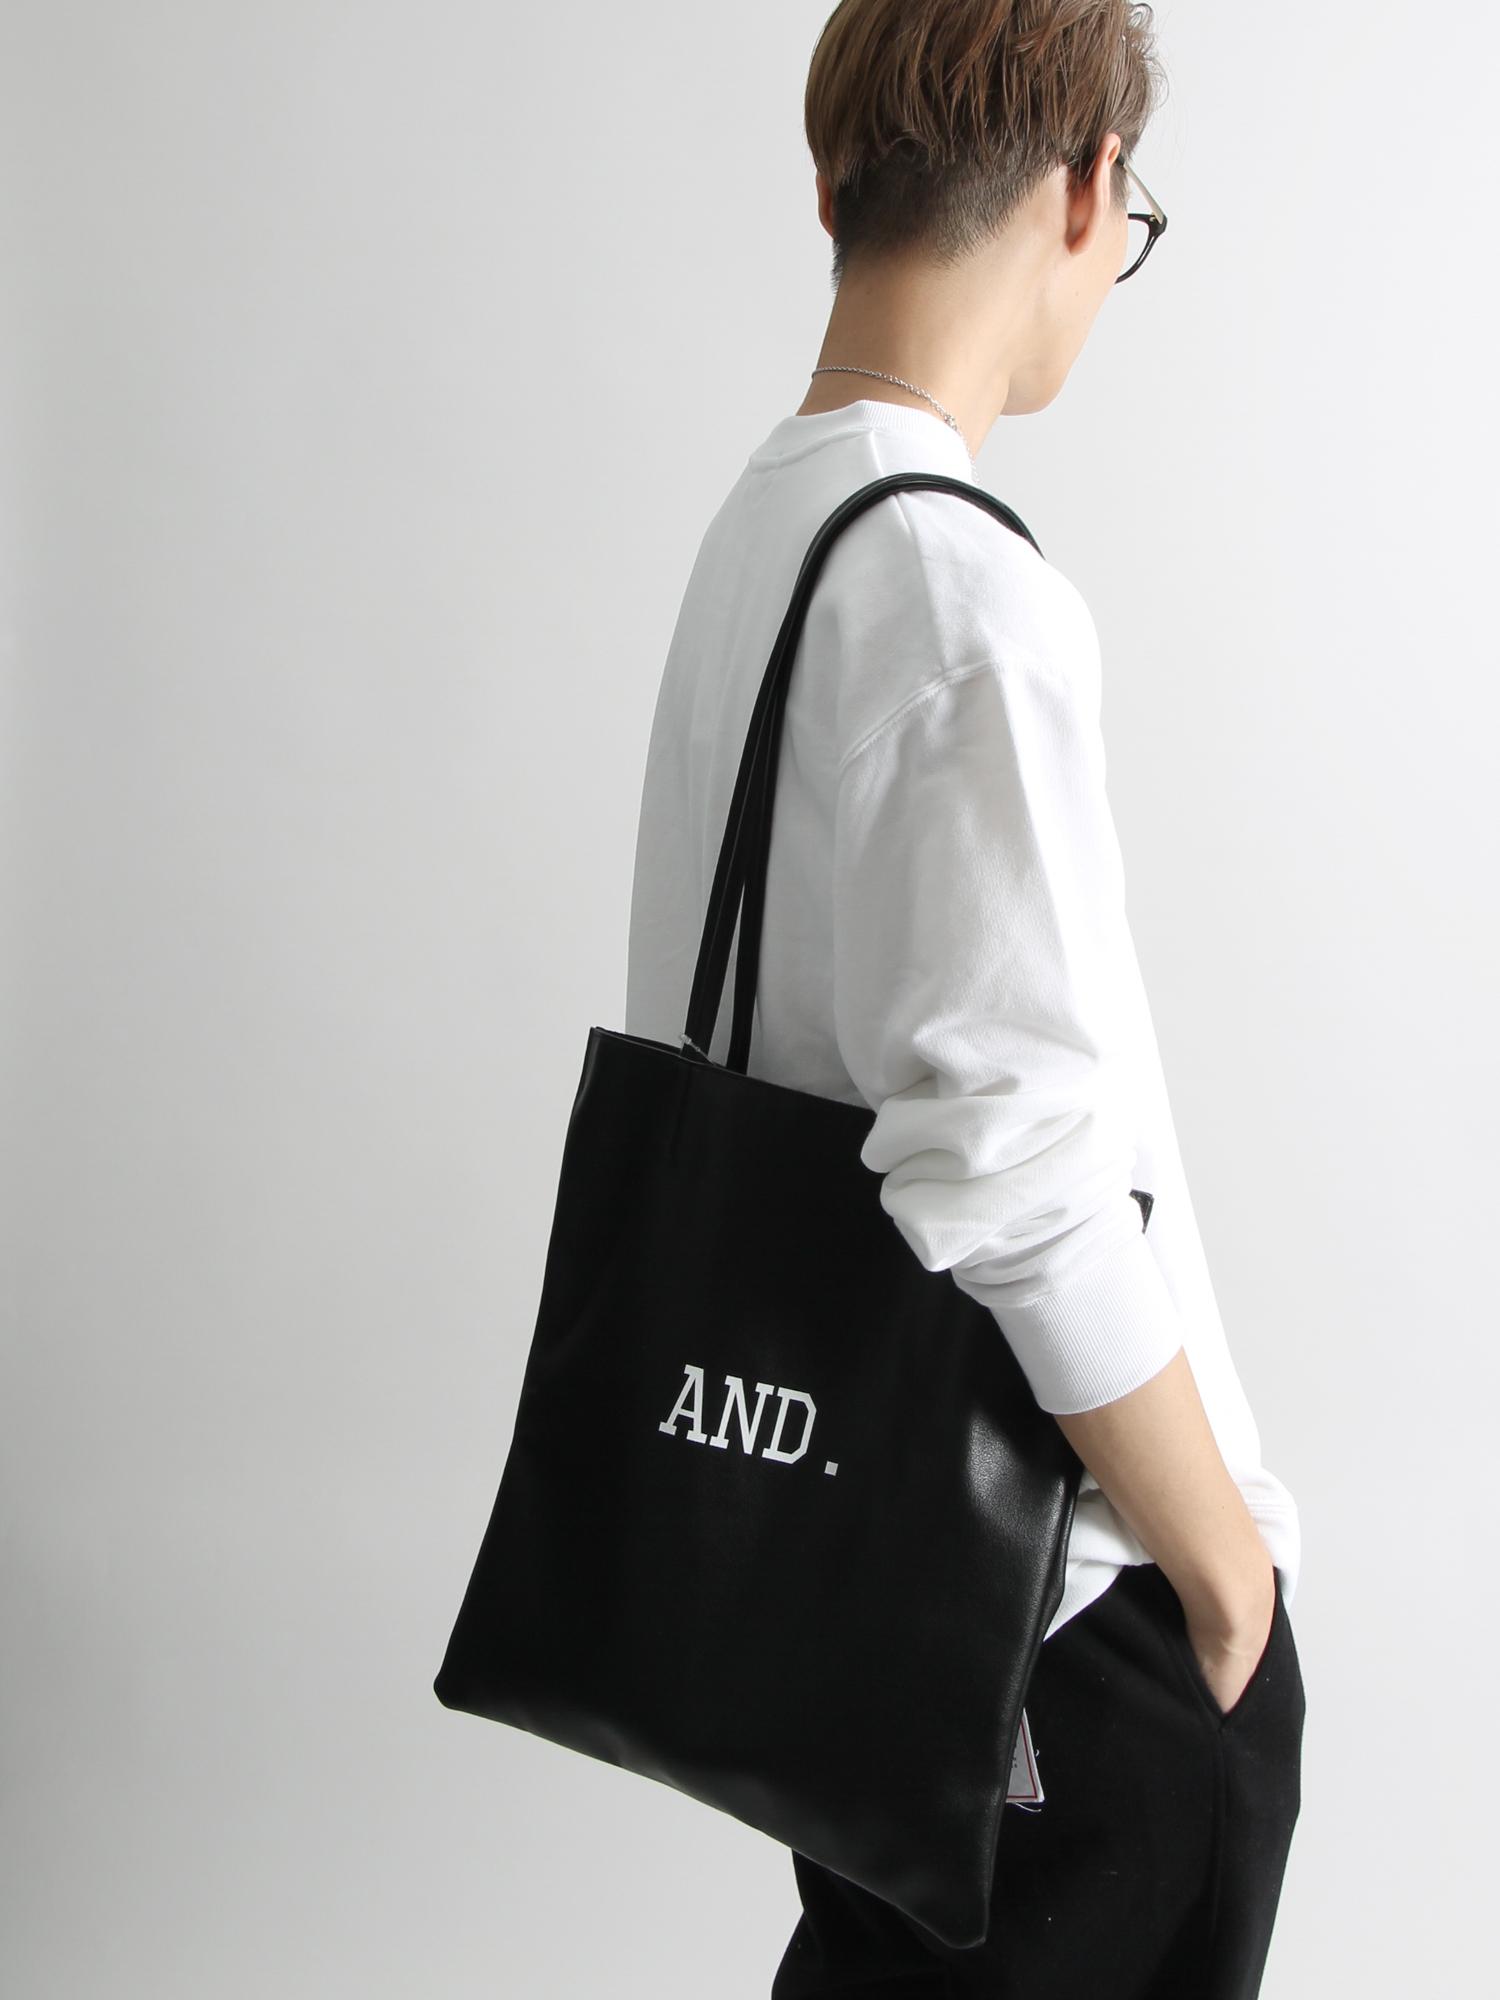 WEGO/ANDフェイクレザートートバッグ